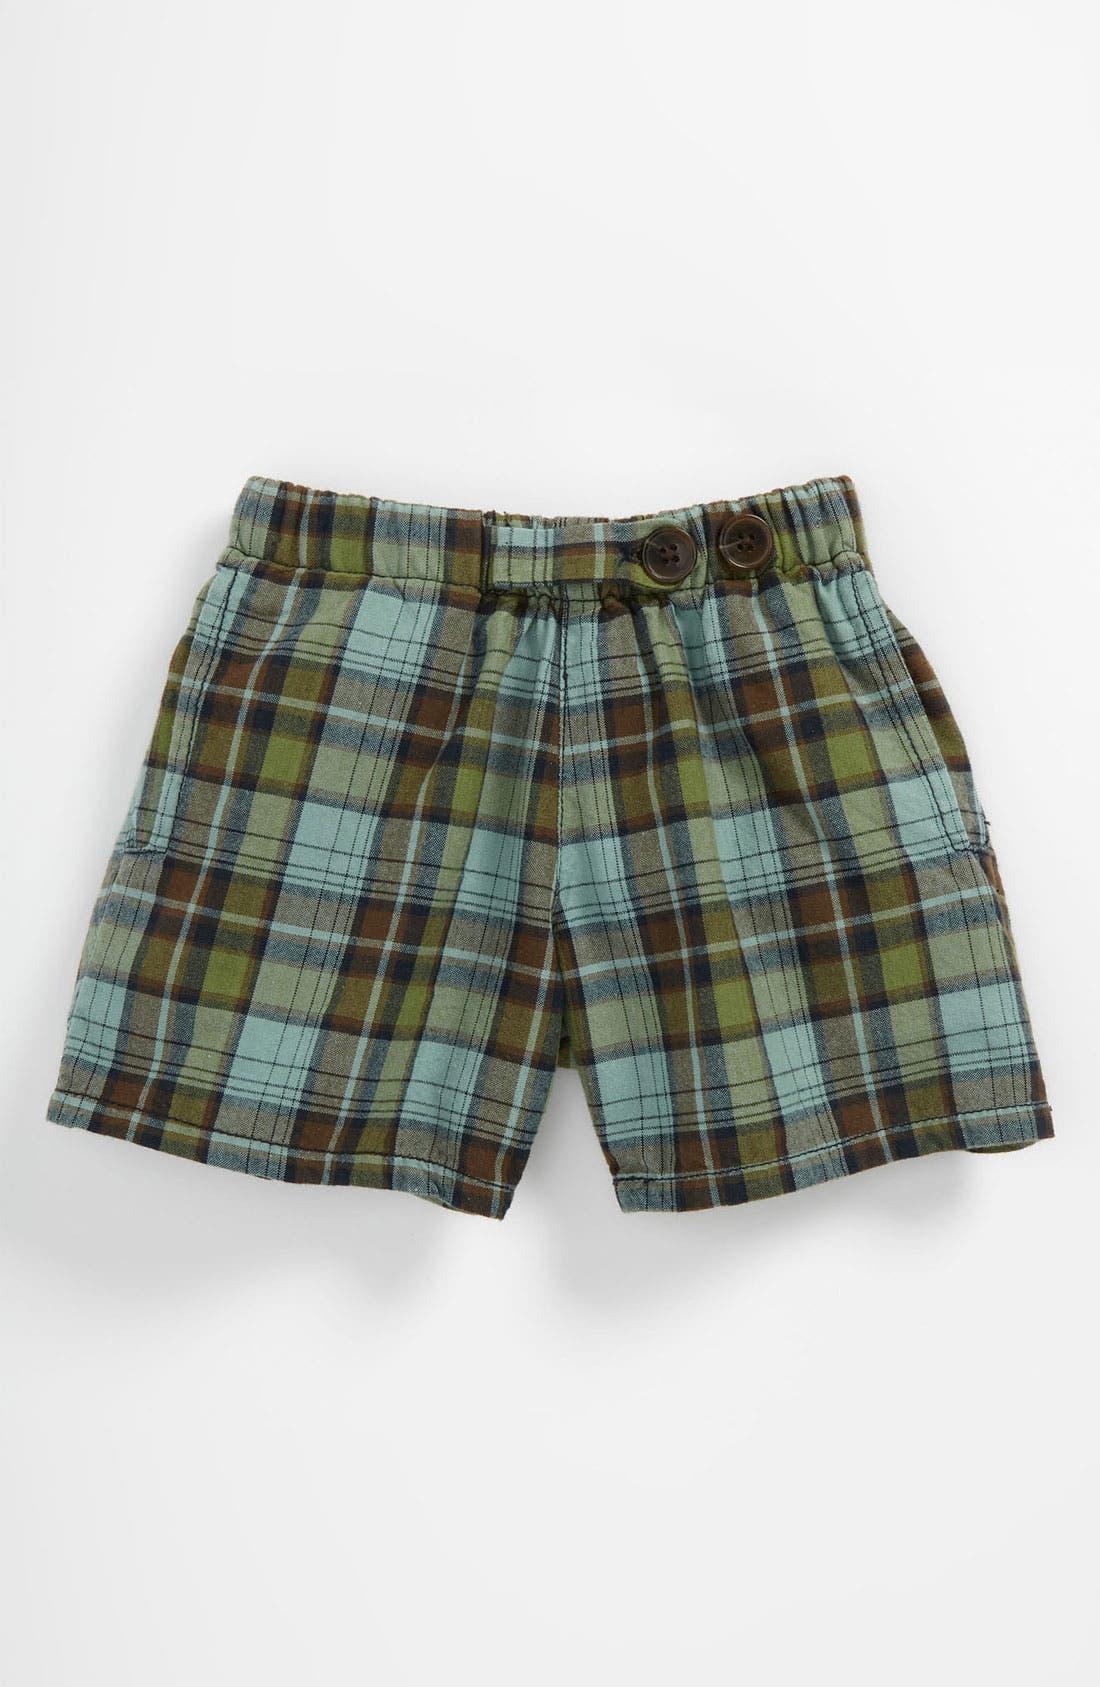 Alternate Image 1 Selected - Peek 'Bangalore - Havasu Plaid' Shorts (Baby)